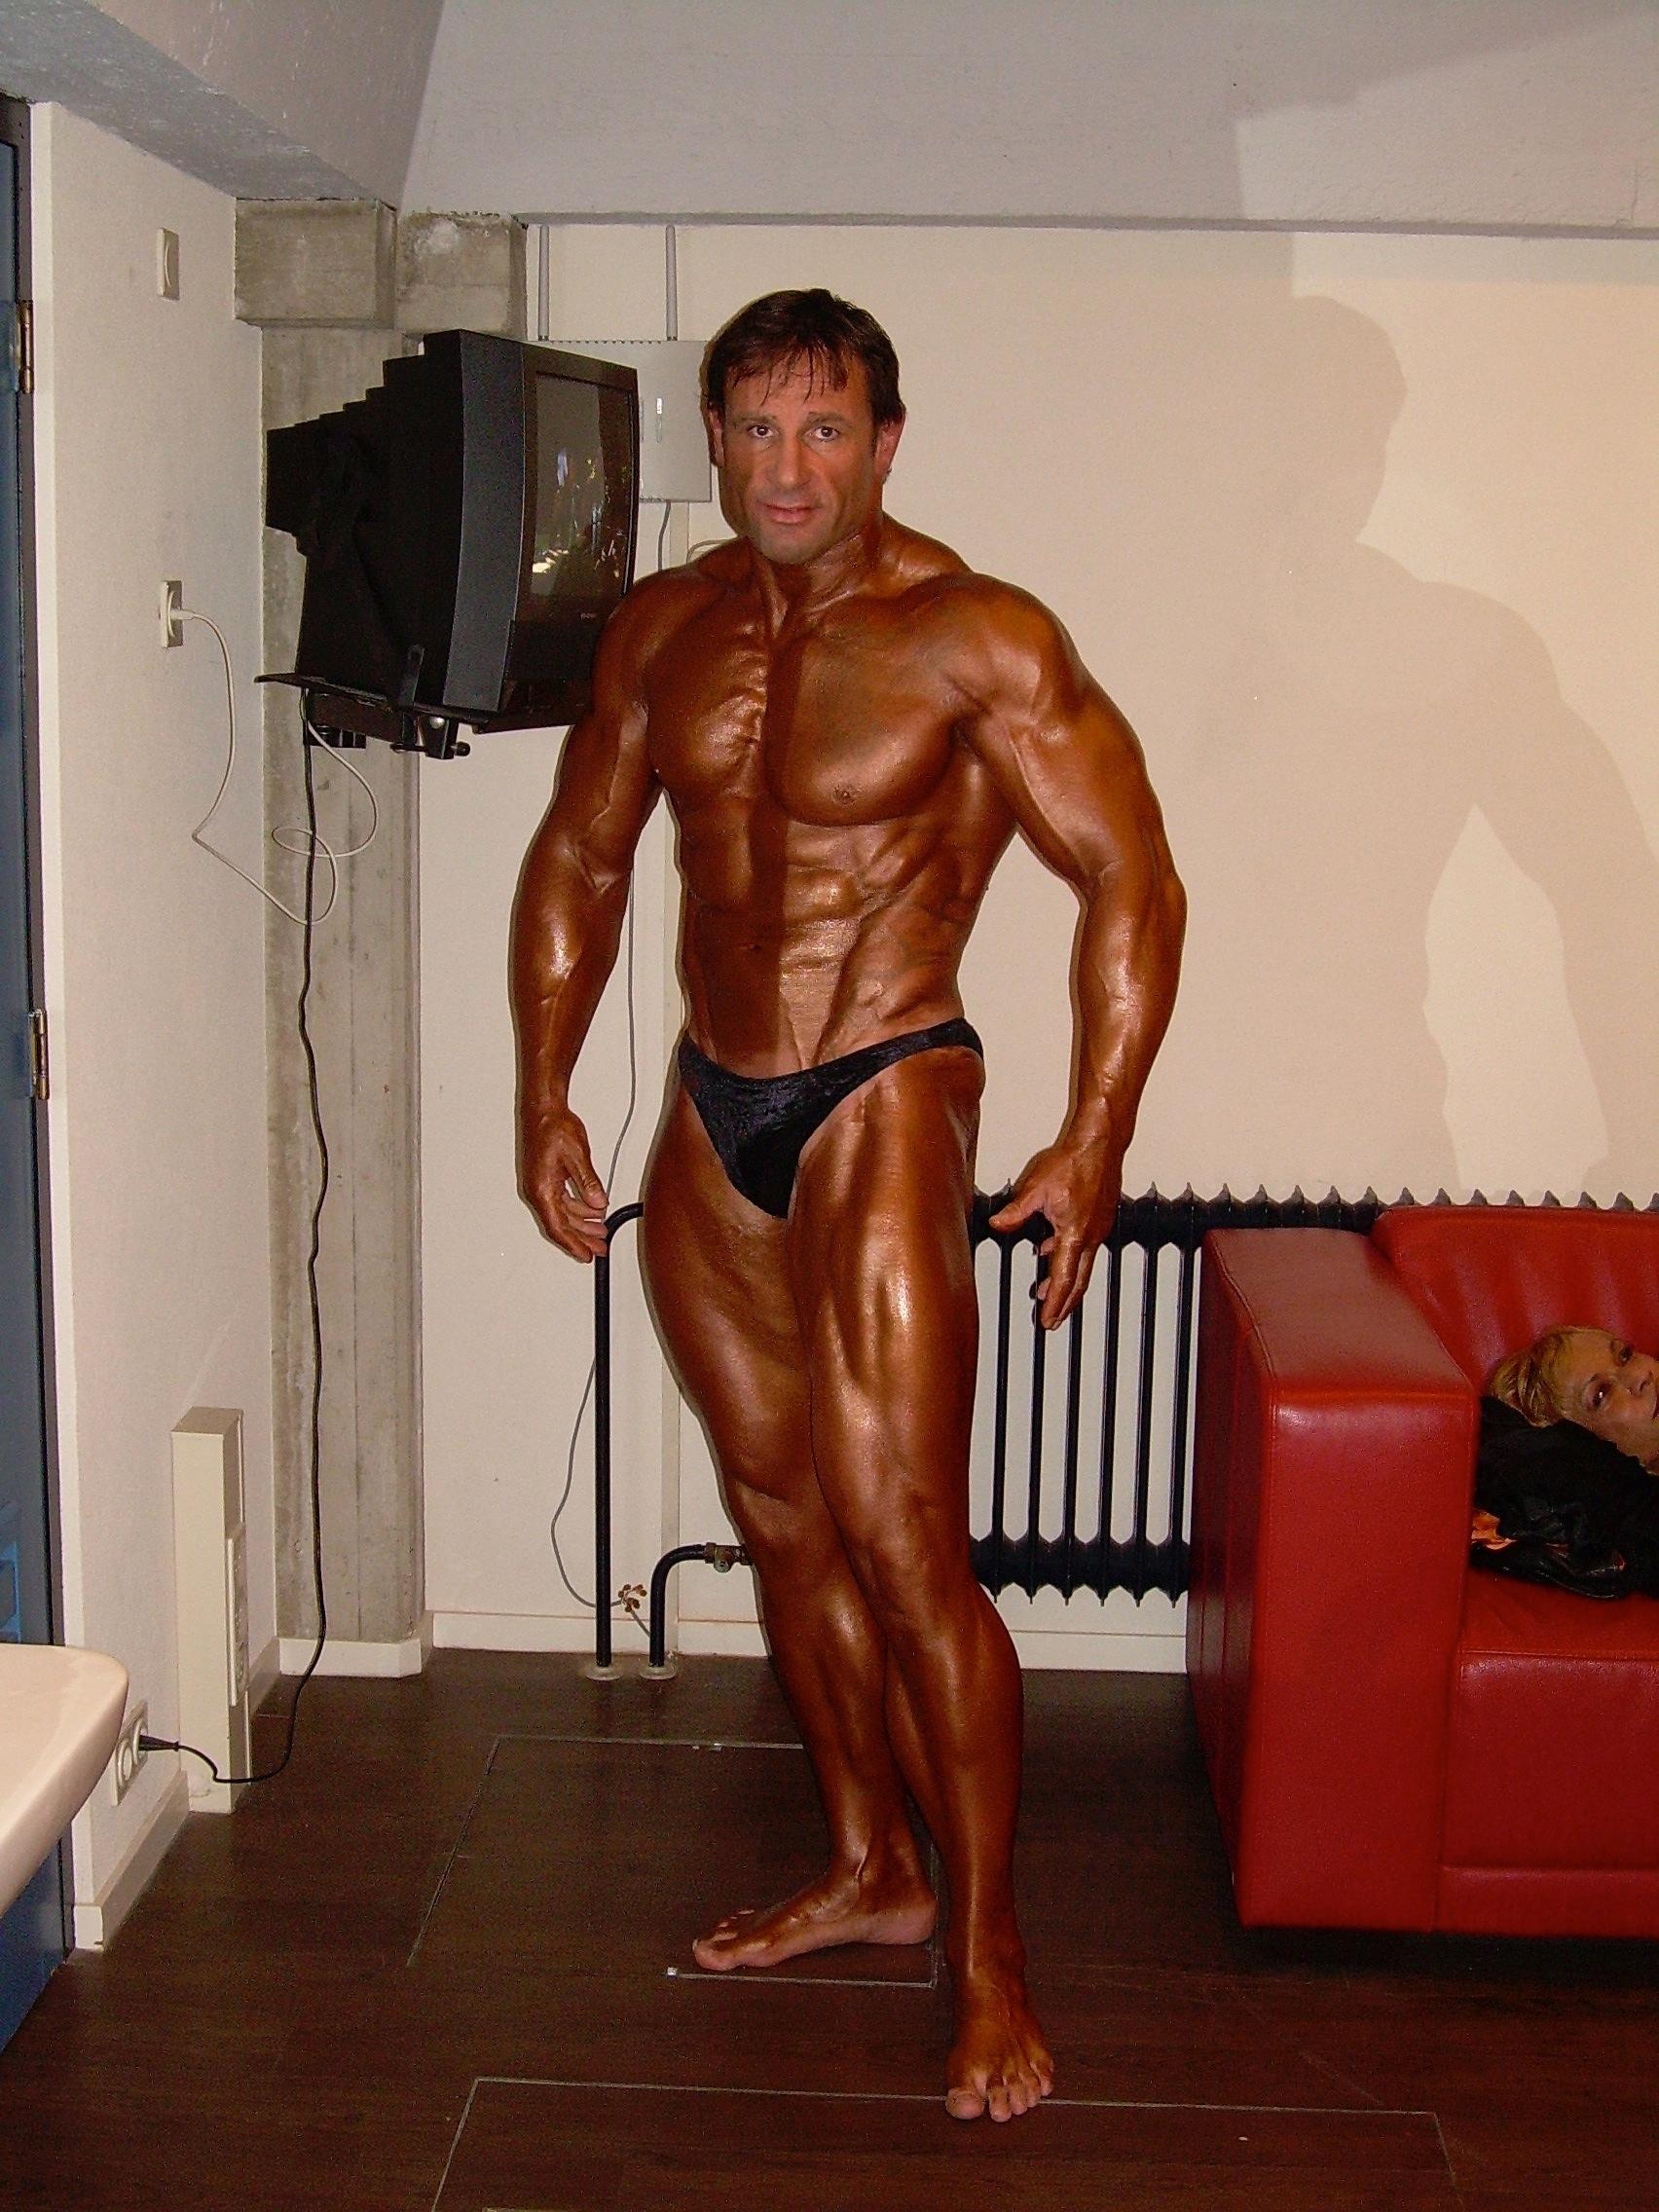 Uitstapje naar bodybuilding..